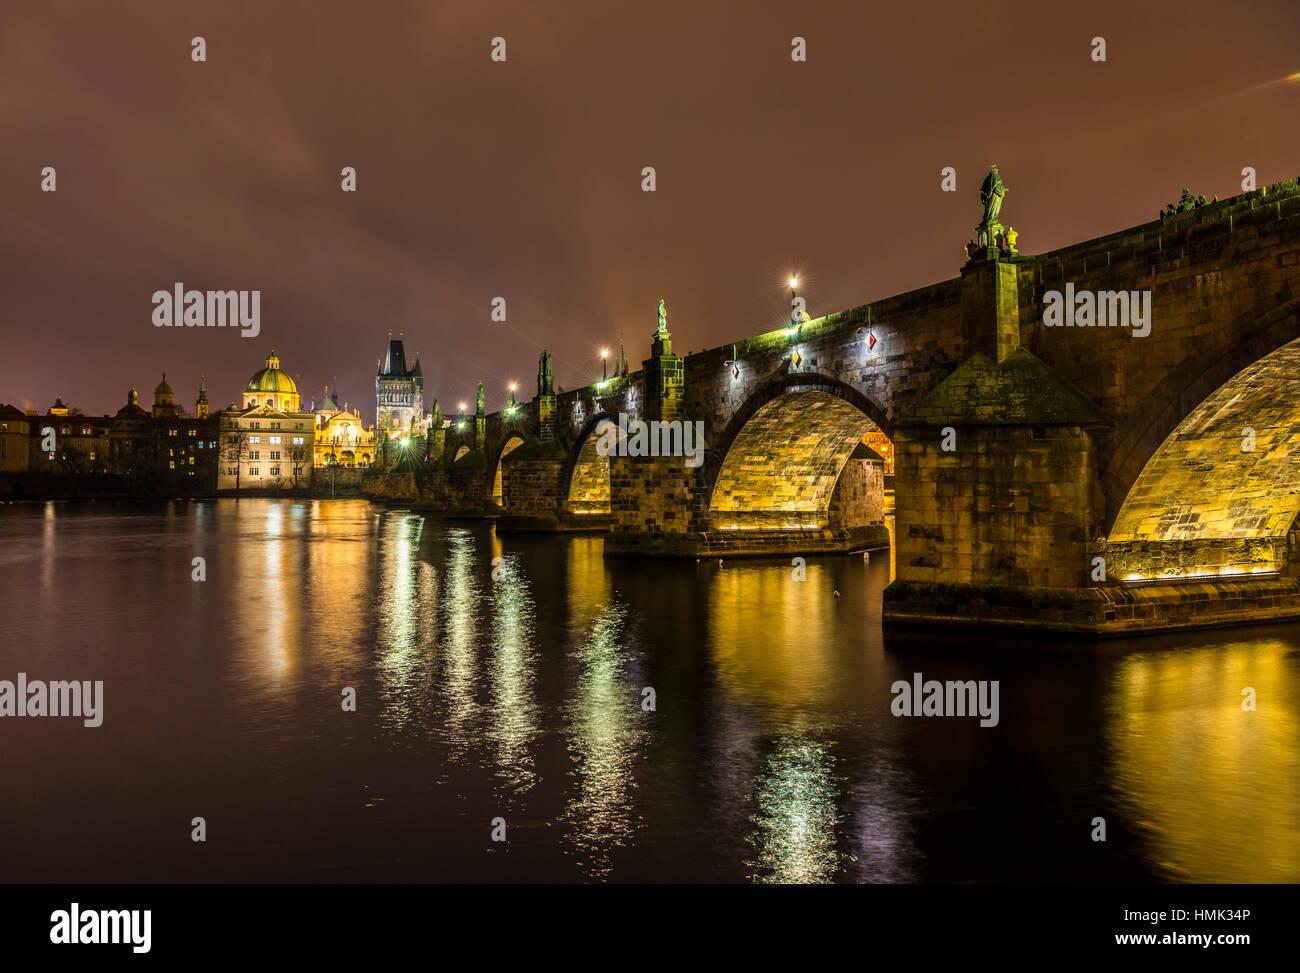 La Moldavia, il Ponte di Carlo, la Torre del Ponte, scena notturna, il centro storico di Praga, Boemia, Repubblica Foto Stock